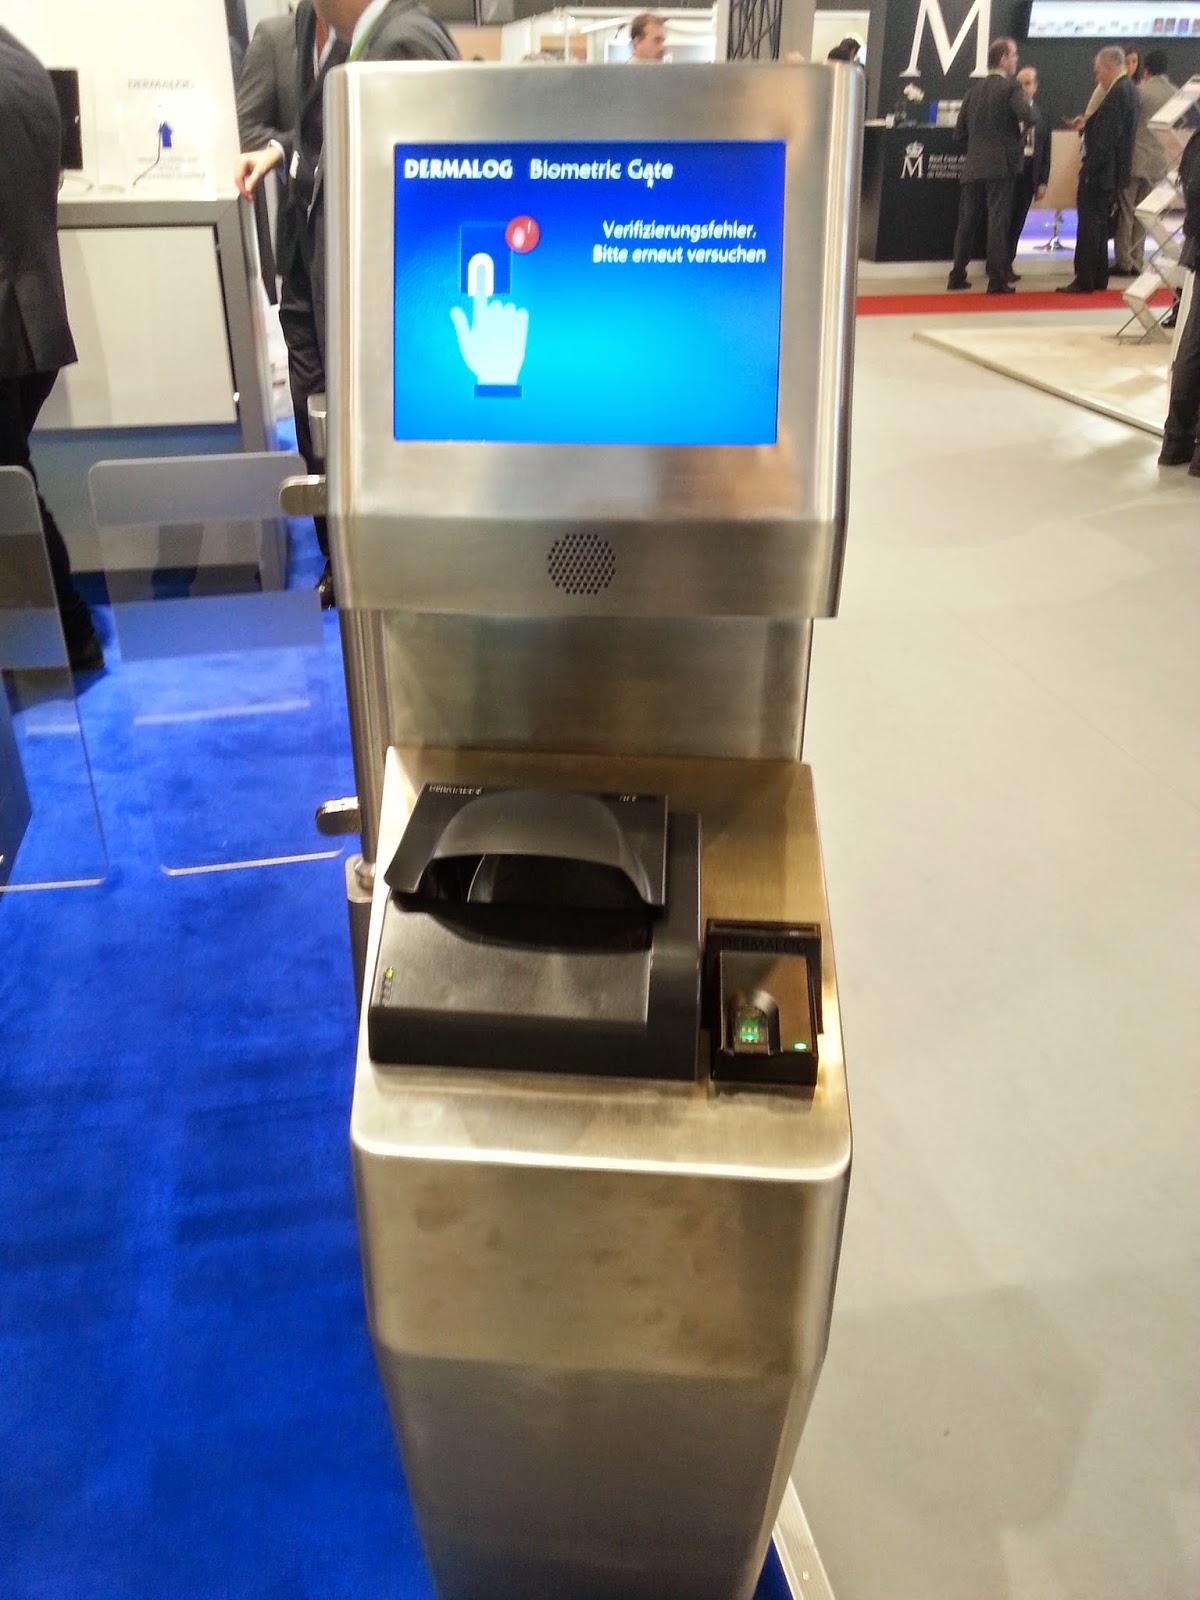 Quioscos biométricos con lector de huella dactilar